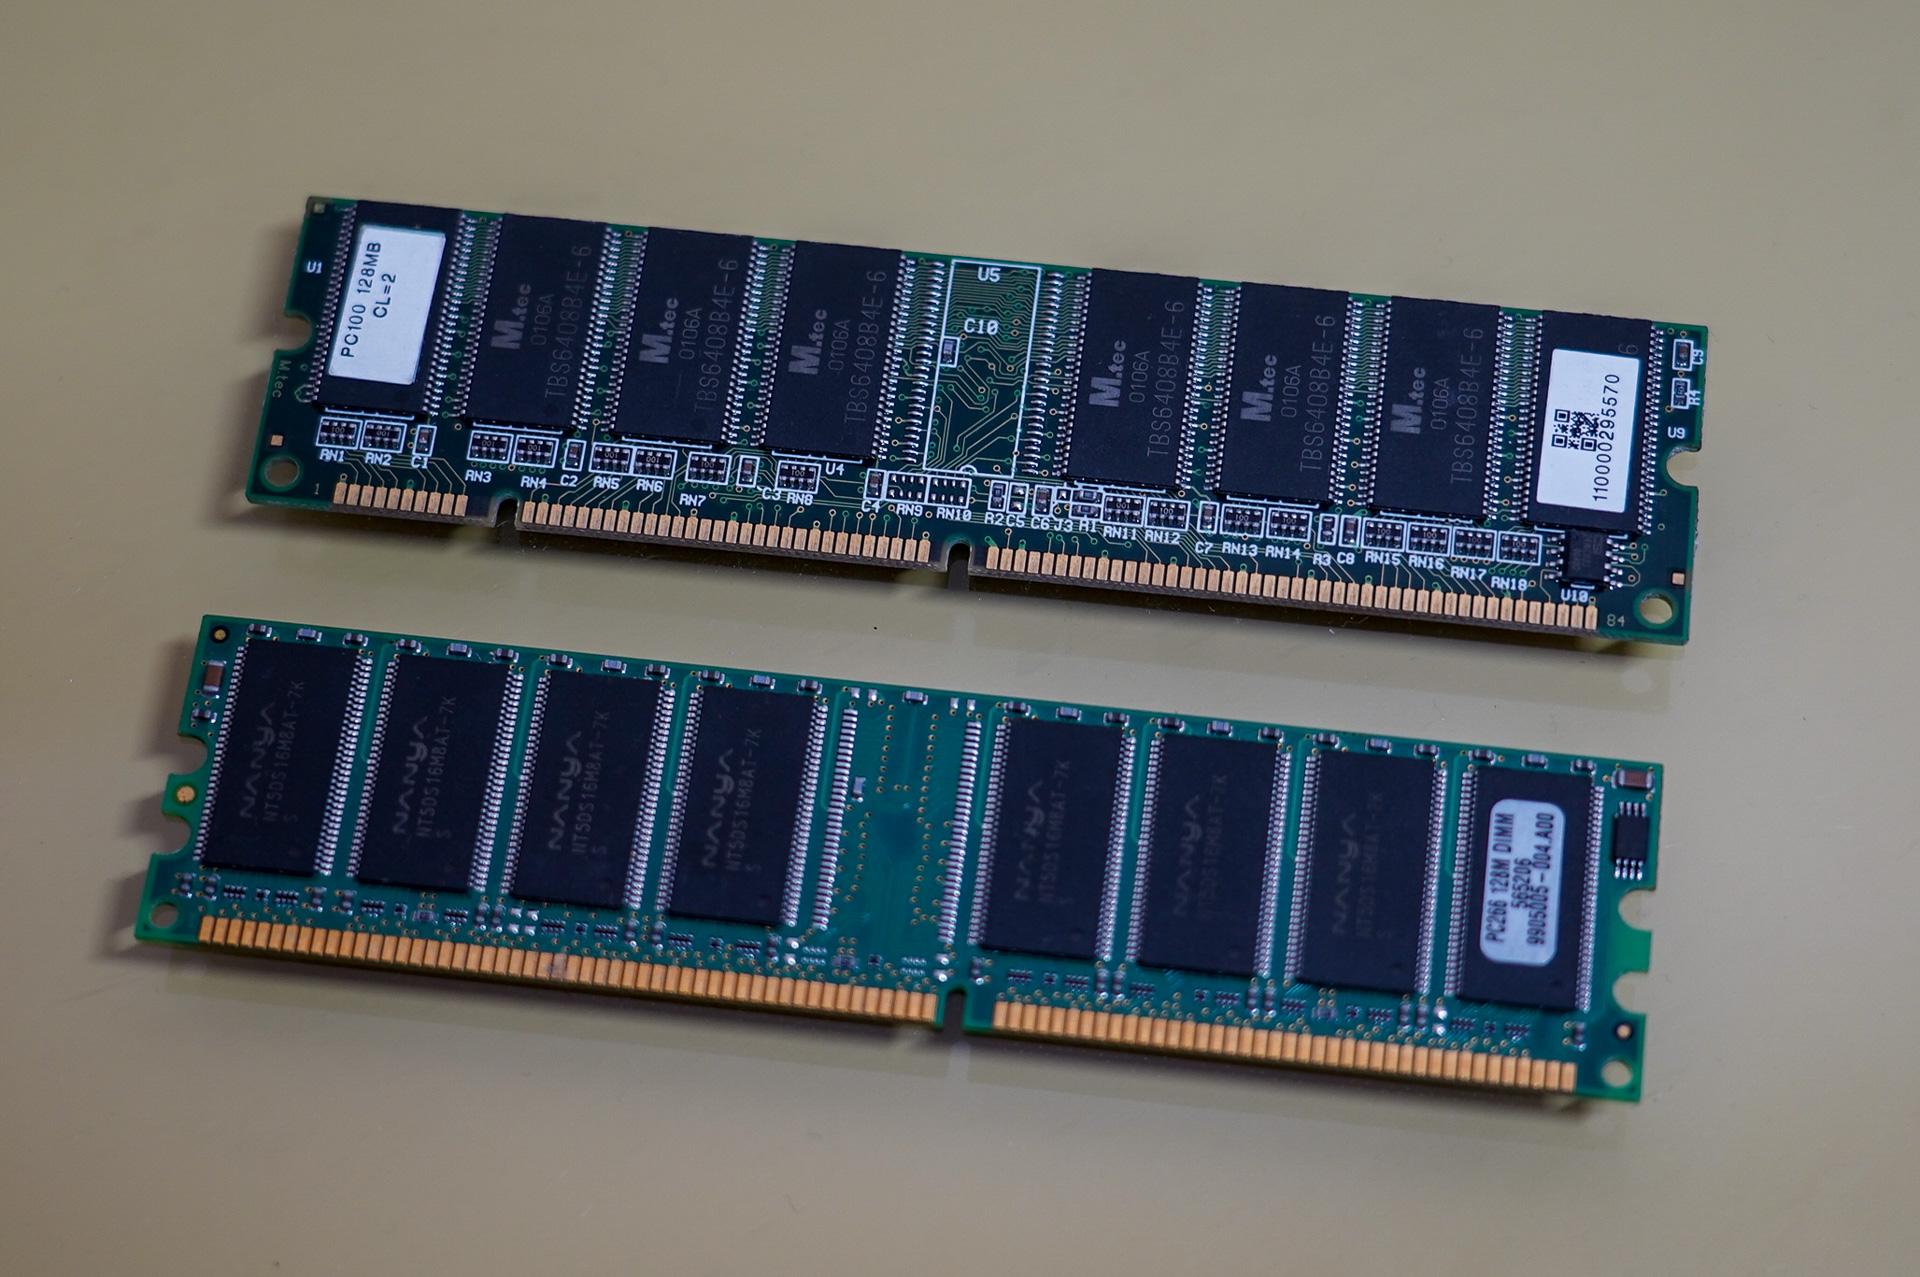 上がそれまでの100MHzのSDRAM(PC100)、下がDDR266とよばれるデータレートが266MHz(実際のクロックは133MHz)のDDR SDRAM、切り欠きの位置などが異なっていることがわかる